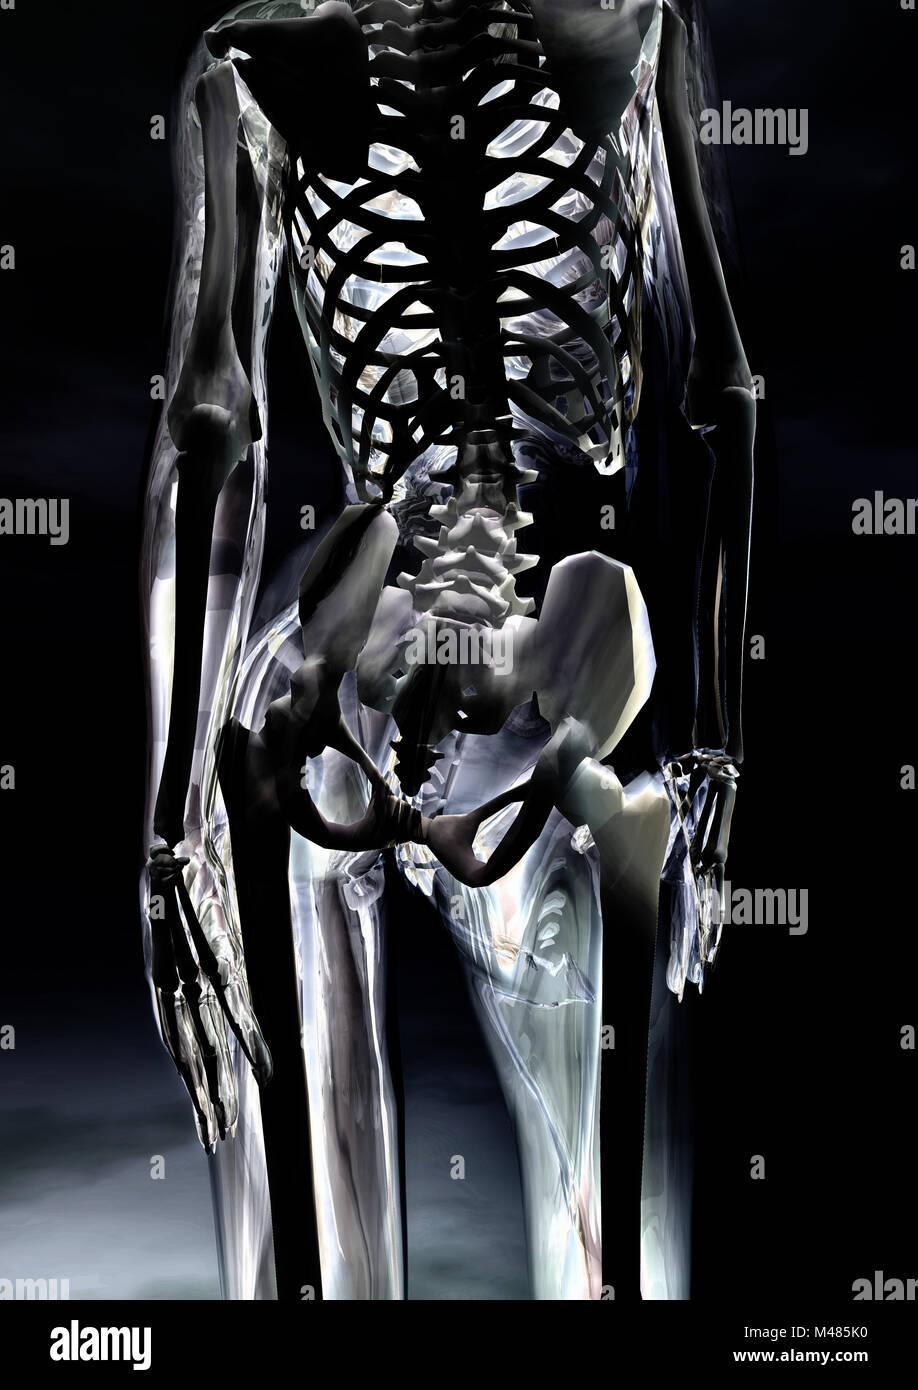 Gläserner weiblicher Körper - Glassy female body Stock Photo ...